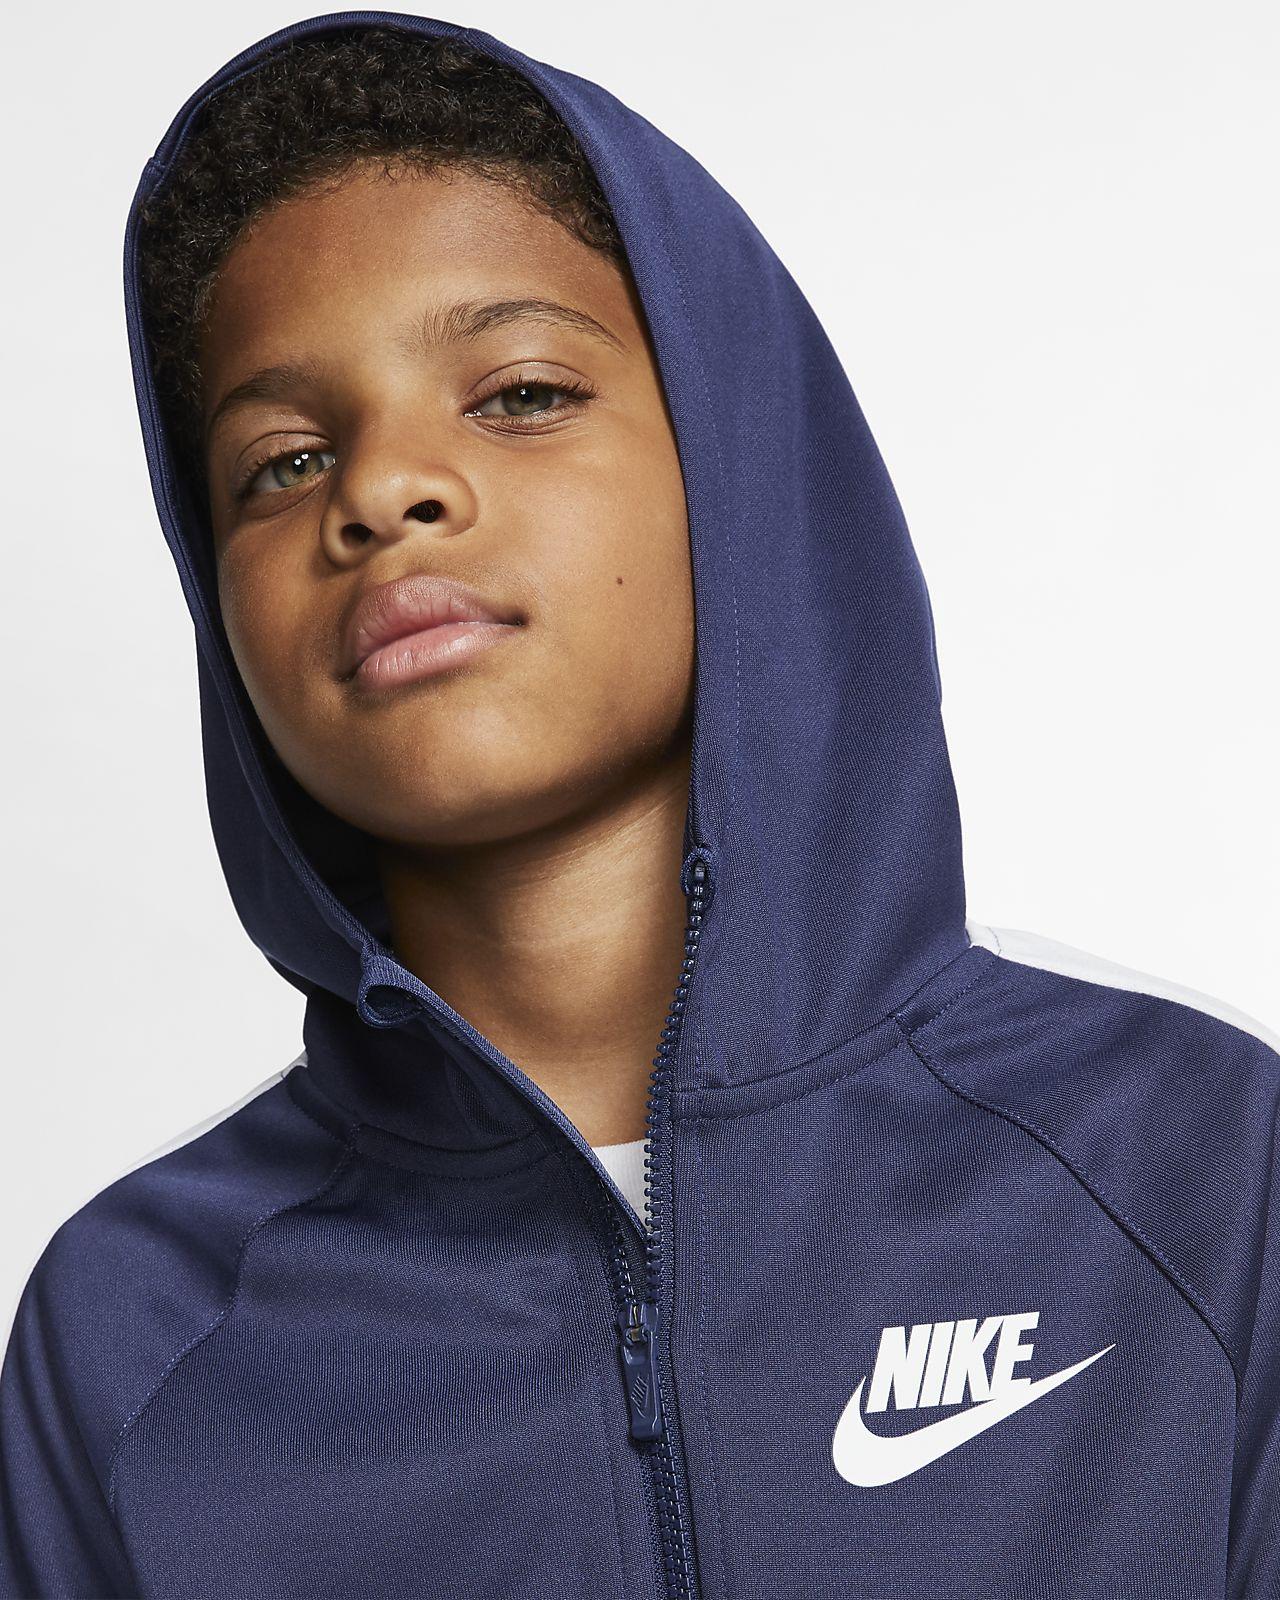 Chaqueta Niñoa Nike Sportswear Nike Sportswear xWEBoQCrde